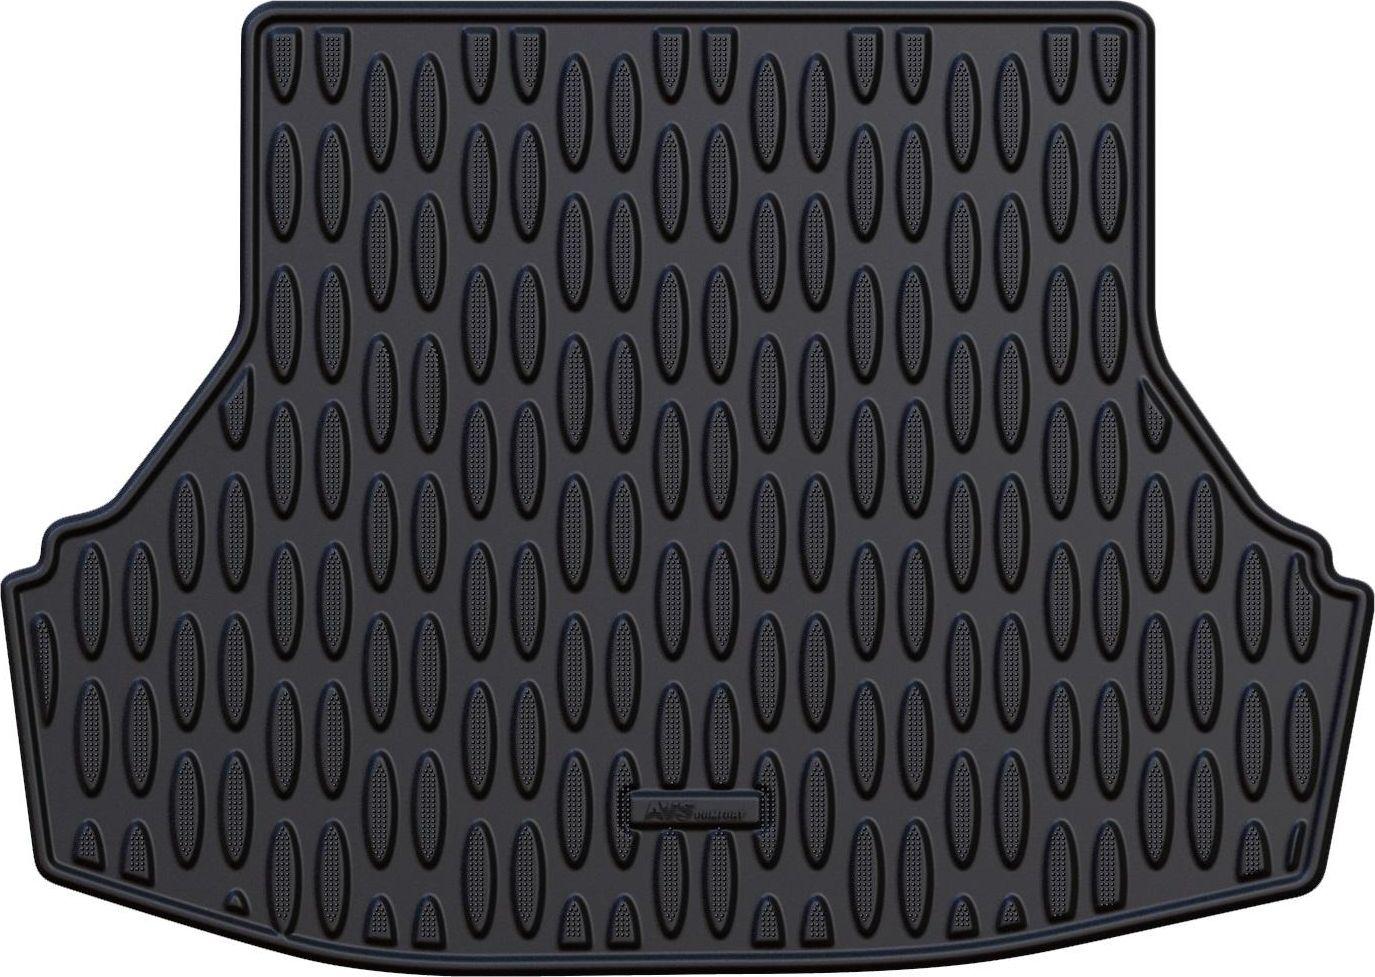 Ковер автомобильный AVS для Lada Granta SD 2011-, в багажникA78758S1. Спроектированы с помощью 3D моделирования. Ковры для багажника : конфигурация позволяет максимально использовать объем багажника 2. Высокий борт Высота : 32 см. 3. Отсутствие резкого запаха , благодаря использованию высококачественного сырья4. Материал :ТЕРМОЭЛАСТОПЛАСТ(ТЭП)-благодаря высокому содержанию каучука (до 55 %): Более износоустойчивые по сравнению с резиновыми и полиуретановыми коврами других производителейПри температуре меньше -25 не «дубеют» . Легко моются, обладают повышенной износостойкостью 5. Оригинальный рисунок «ПРОТЕКТОР» (антискользящее исполнение лицевой поверхности) Препятствует перемещению груза в багажнике во время движения автомобиля 6. Легкий вес – в 2 раза легче резиновых